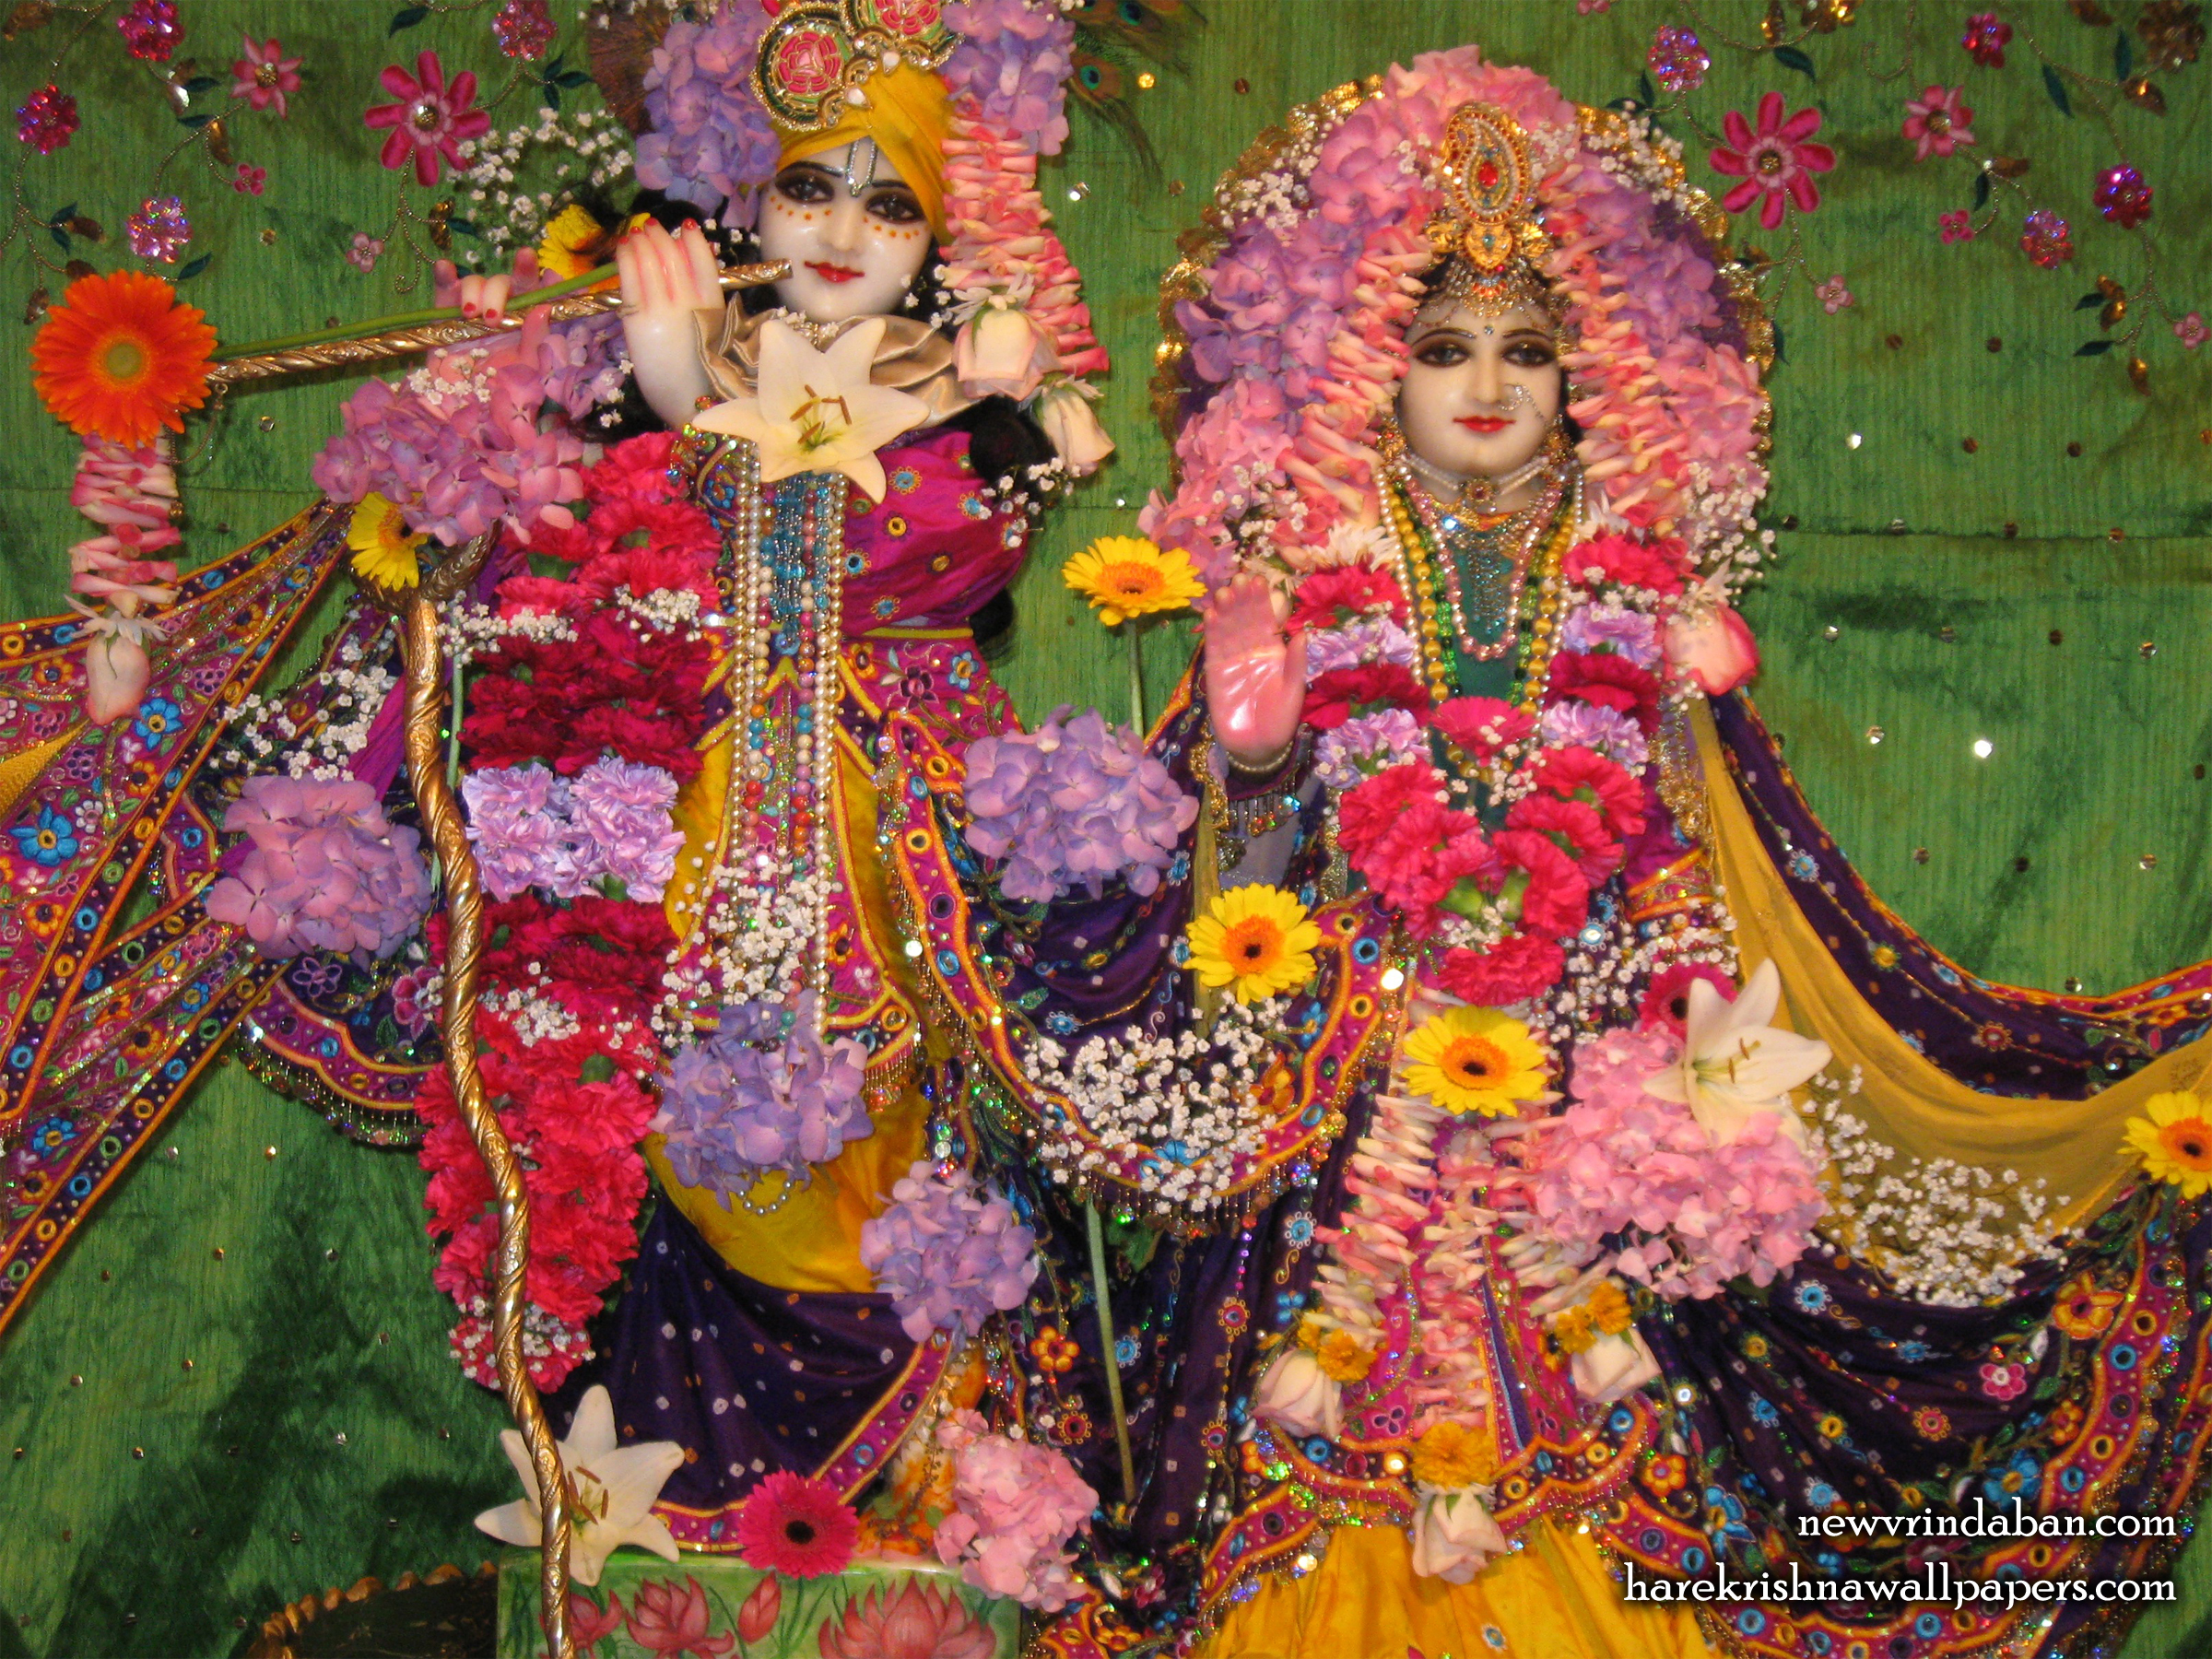 Sri Sri Radha Vrindavana Chandra Wallpaper (004) Size 2400x1800 Download